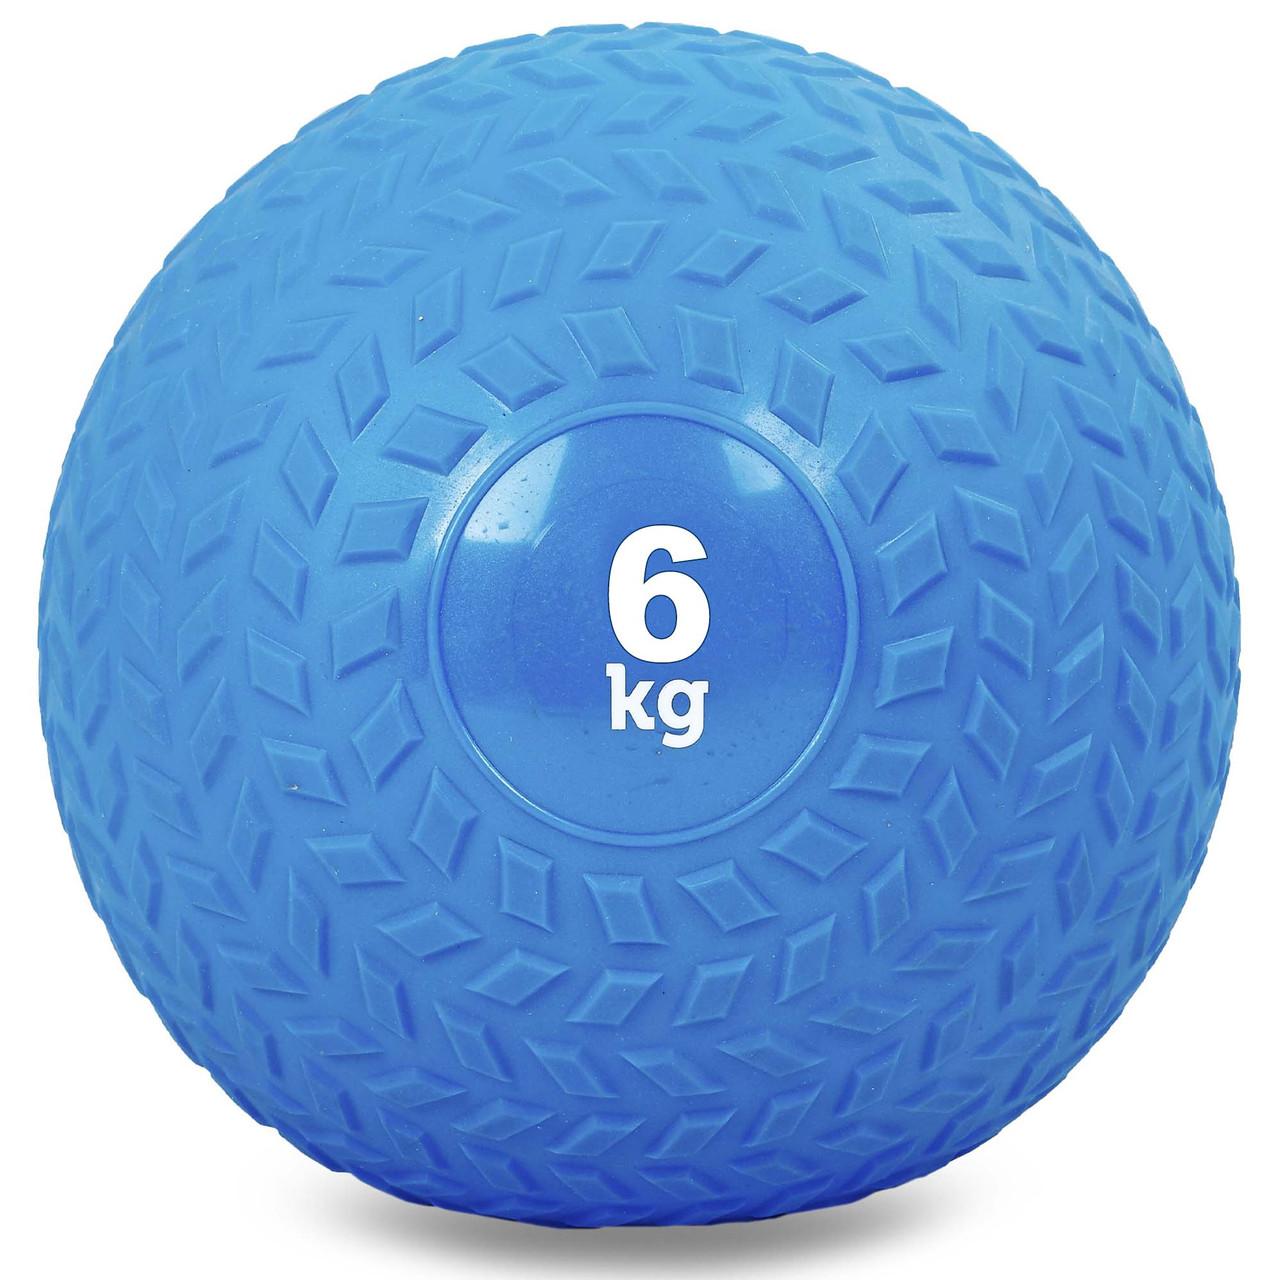 Мяч набивной слэмбол для кроссфита рифленый Record SLAM BALL FI-5729-6 6кг